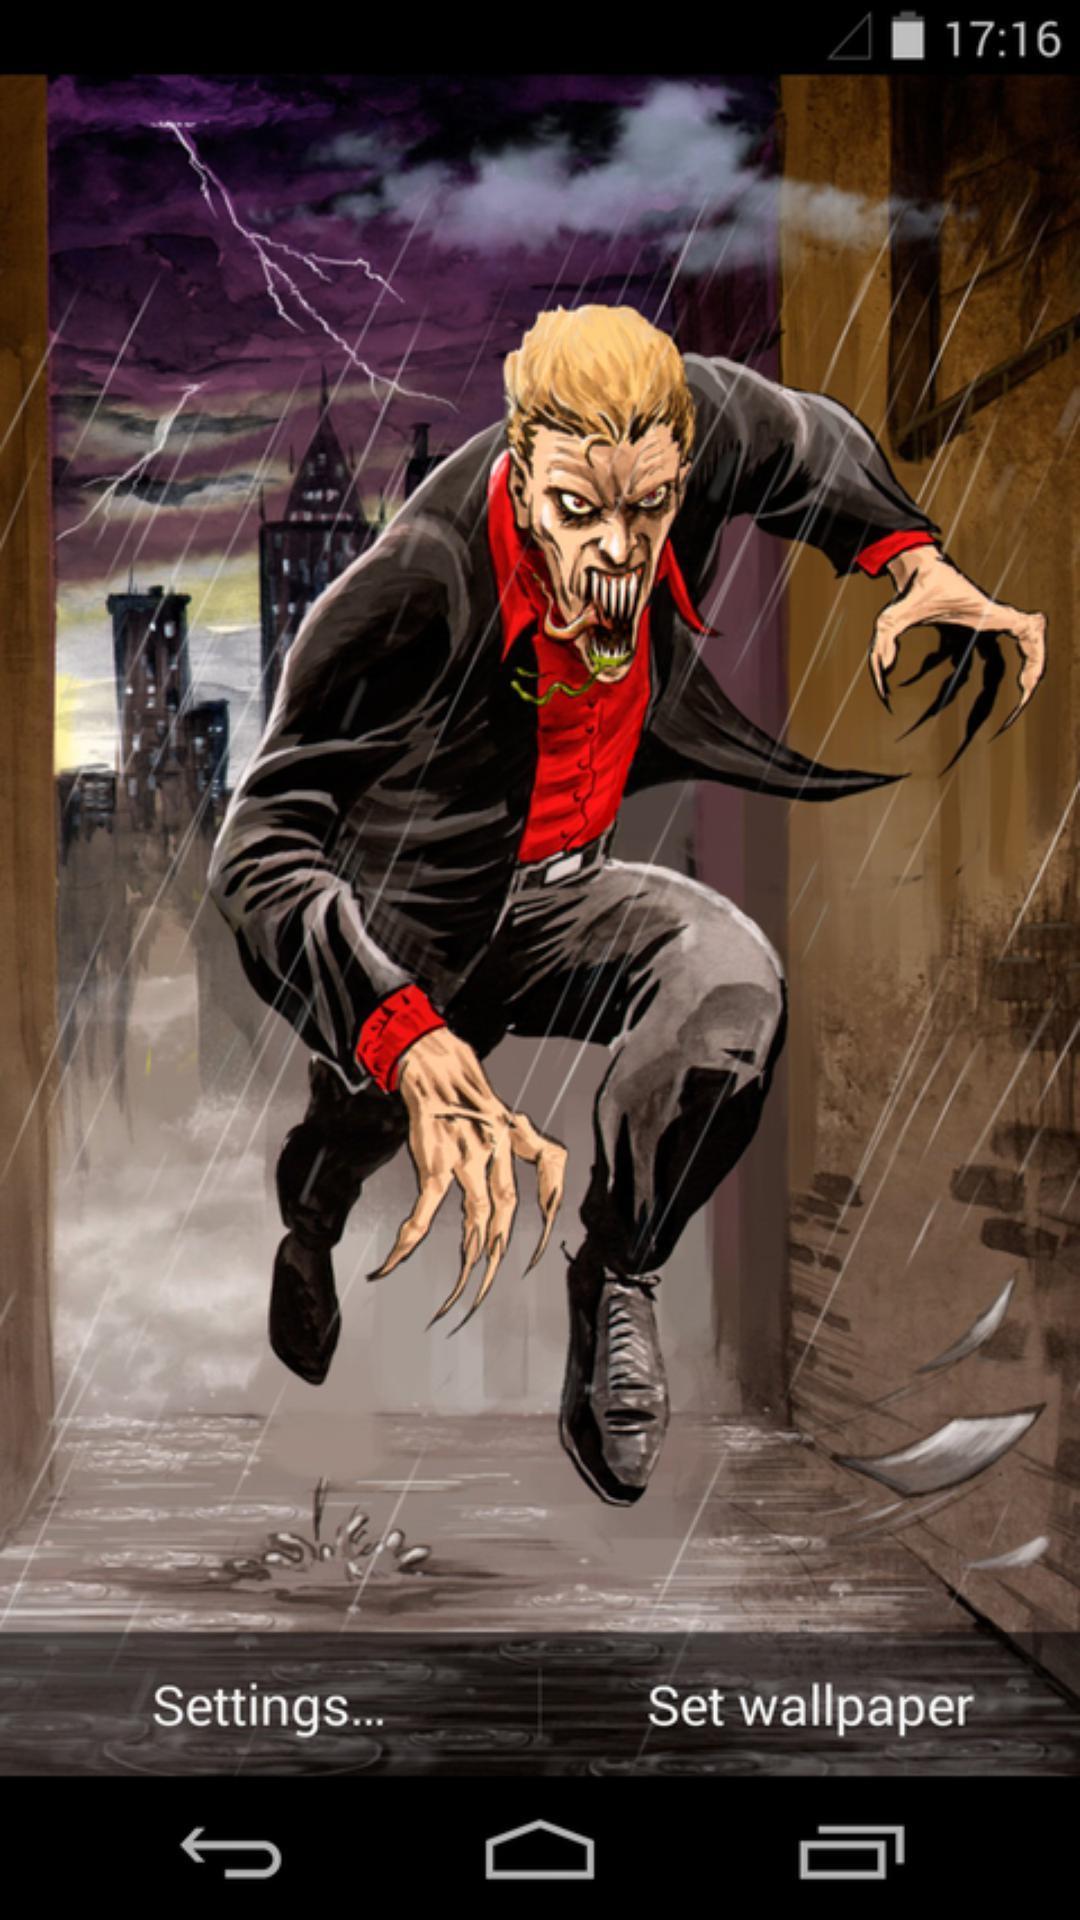 吸血鬼-梦象动态壁纸